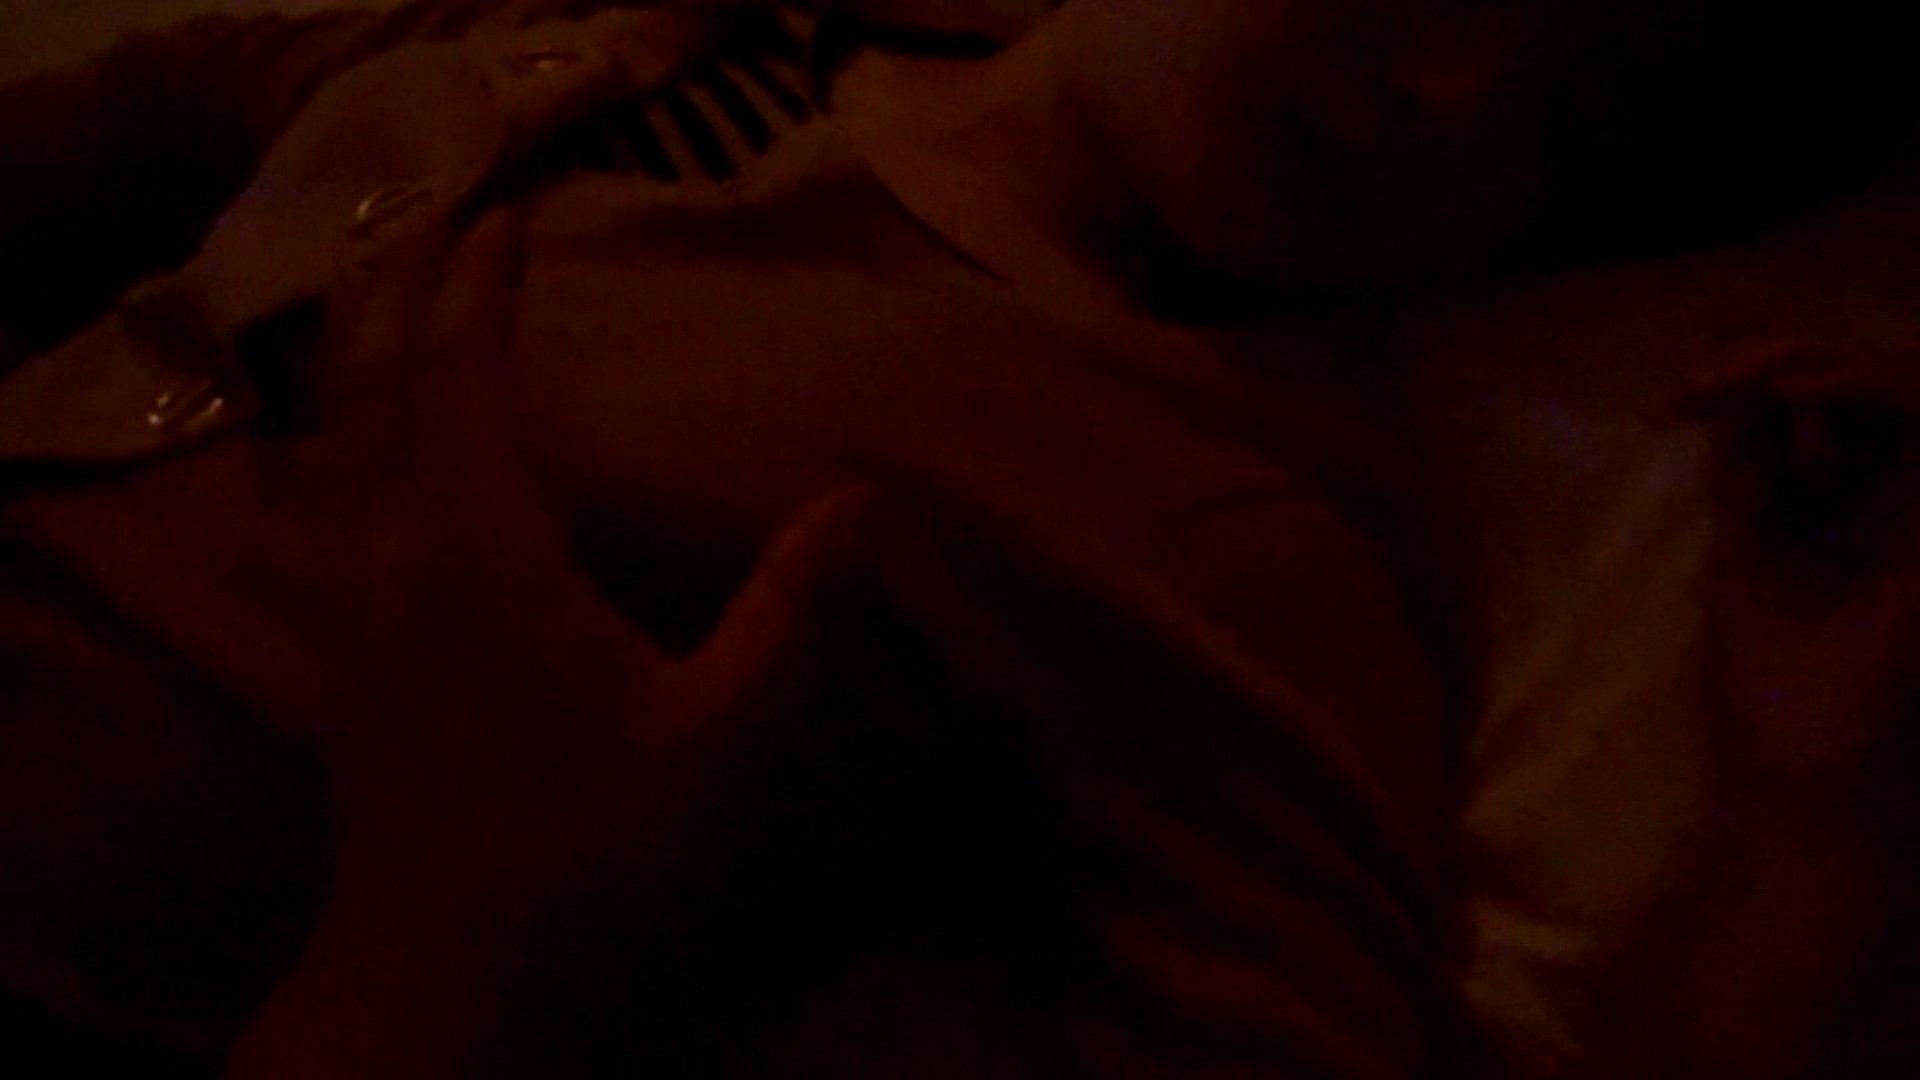 魔術師の お・も・て・な・し vol.31 現役女子大生にスリプル 女子大生 盗撮おまんこ無修正動画無料 108画像 32